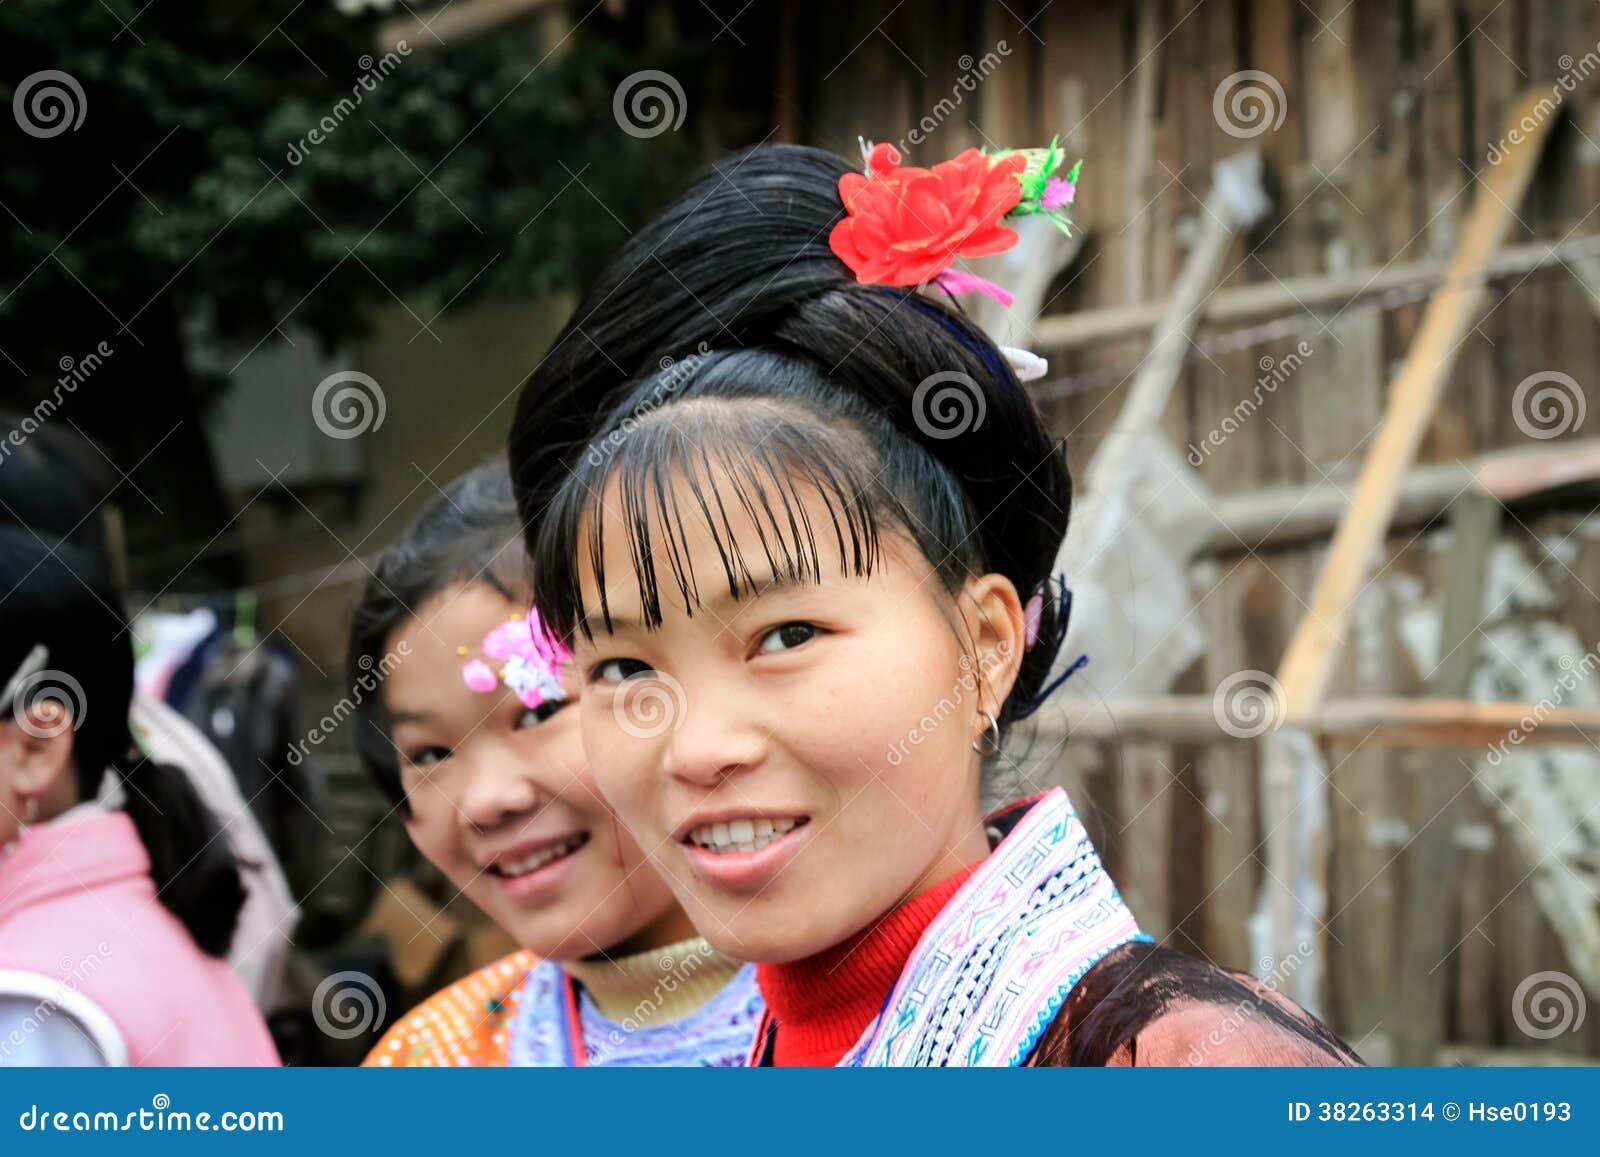 In china girls village These Village